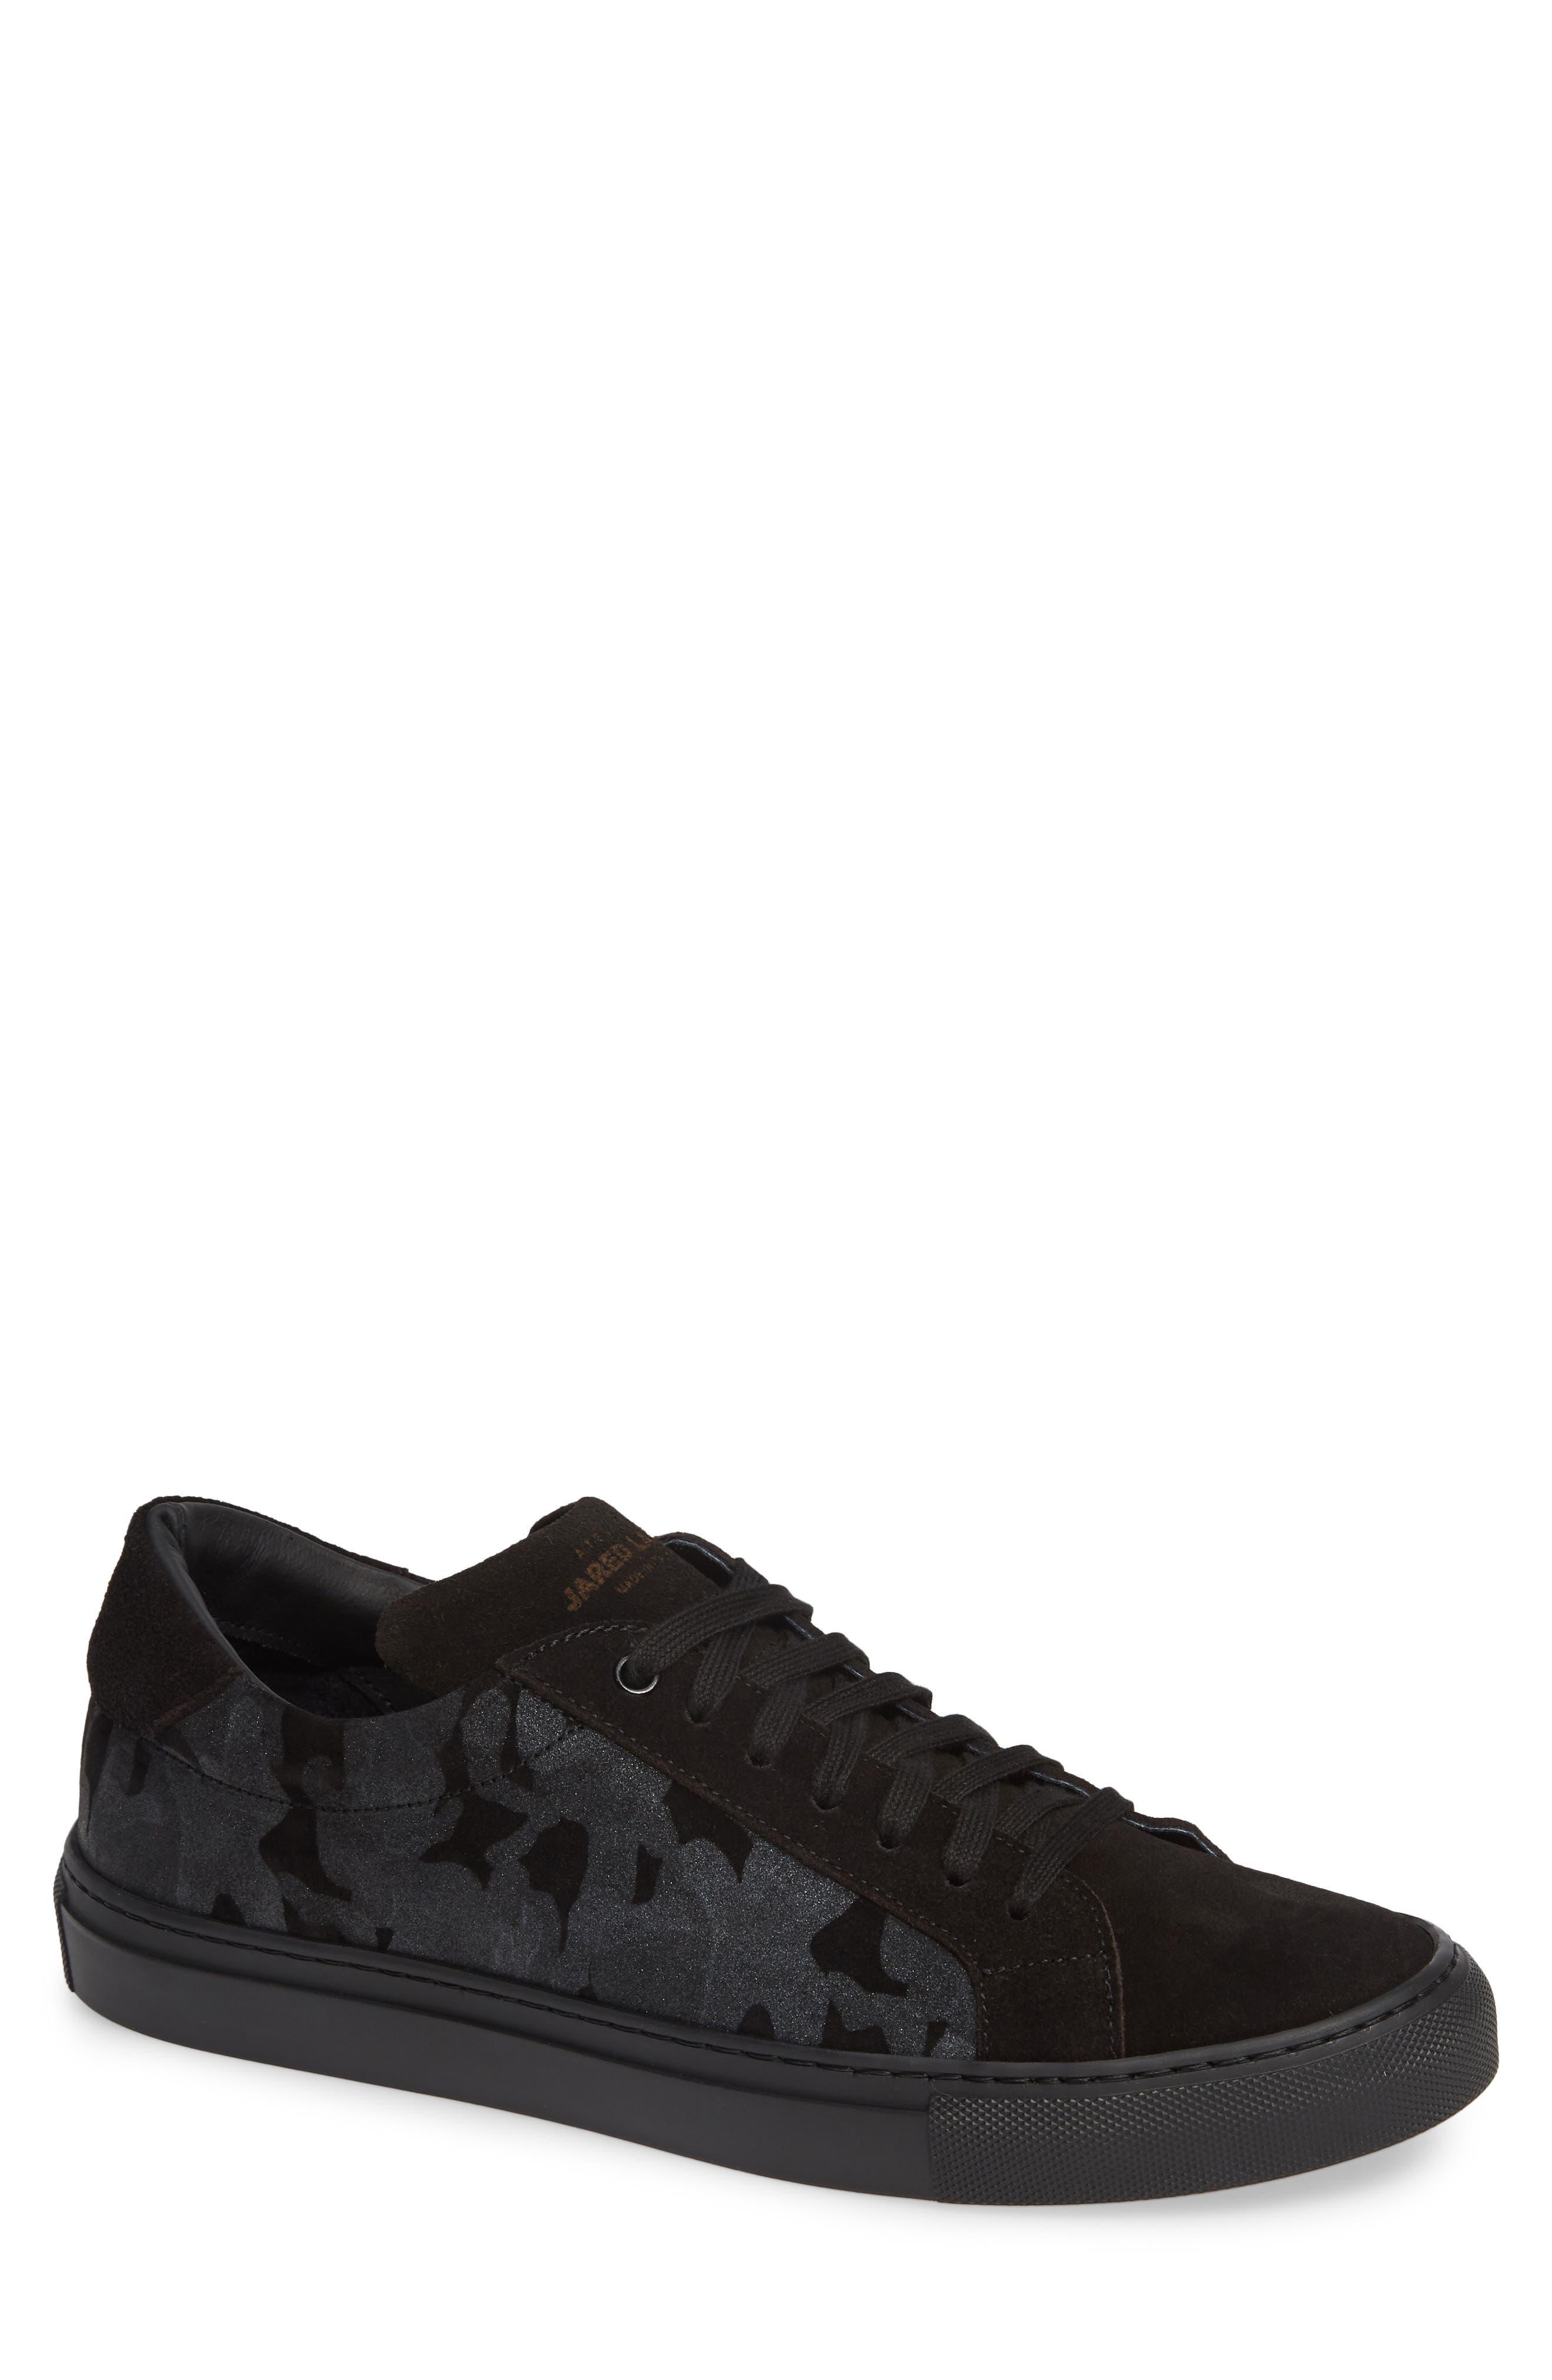 Rome Sneaker,                             Main thumbnail 1, color,                             BLACK